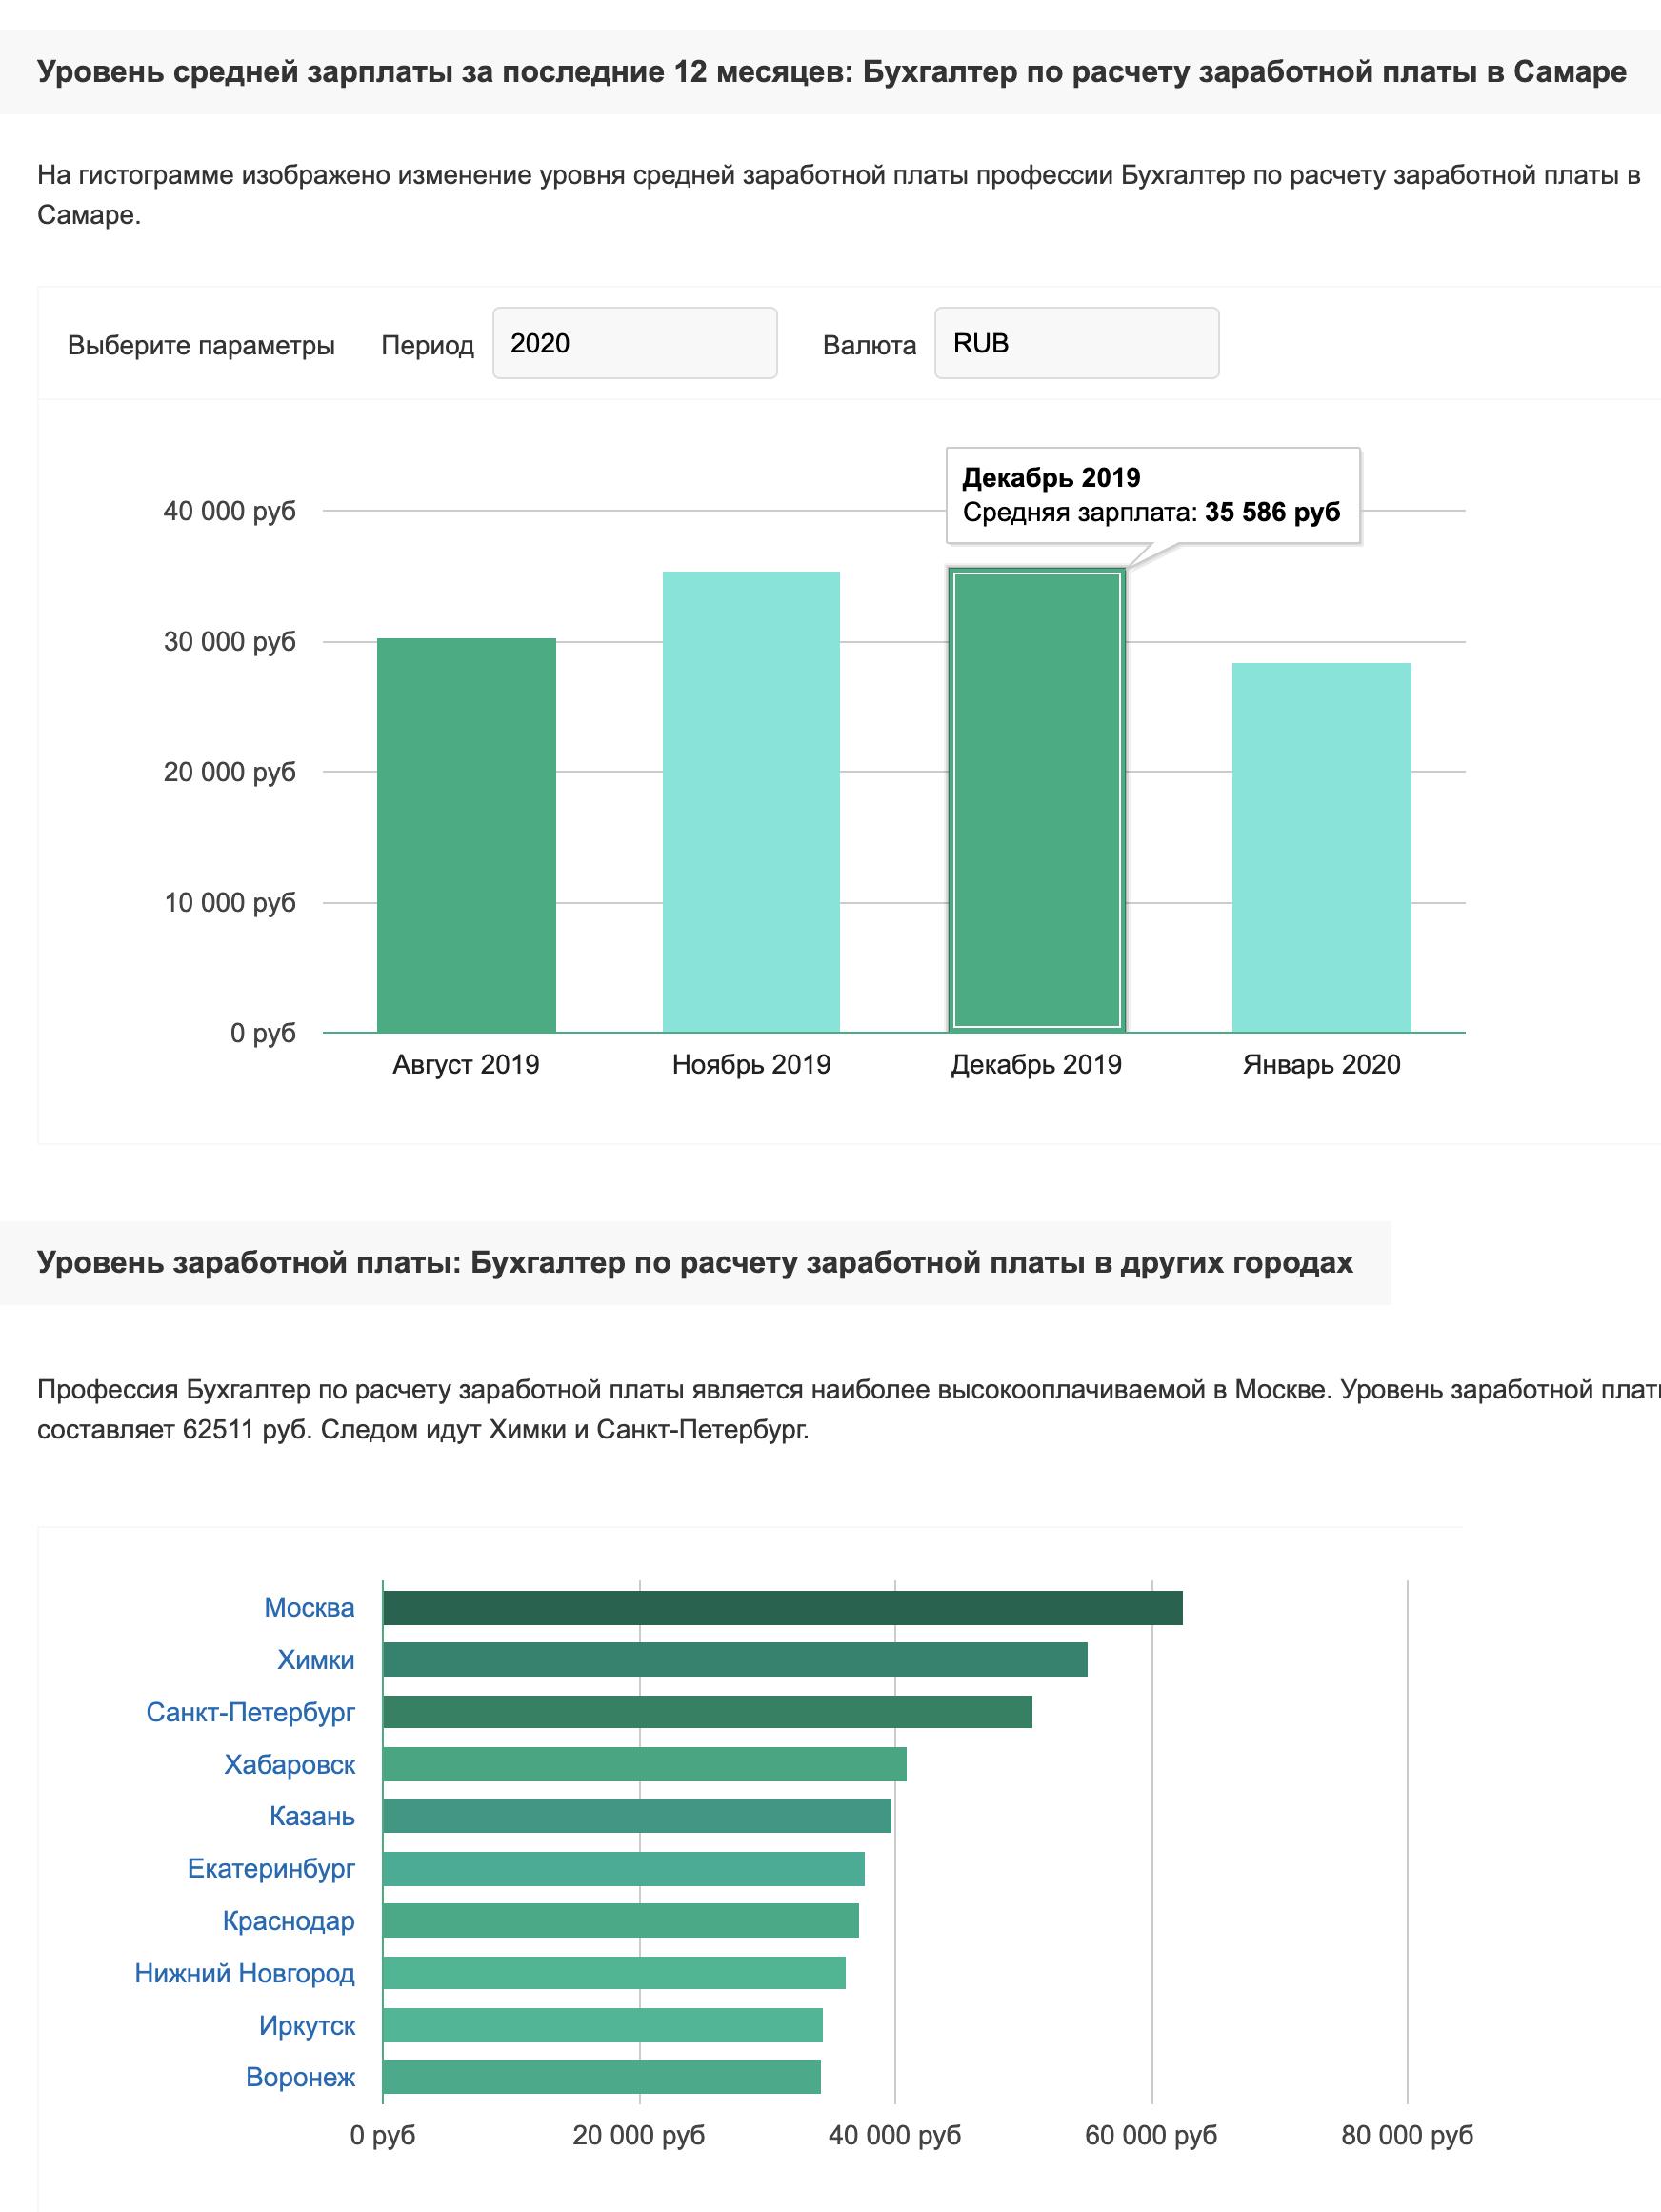 «Труд-ком» утверждает, что в Самаре средняя зарплата обычного бухгалтера составляла 35 тысяч рублей в декабре 2019года. Самые высокие зарплаты обычного бухгалтера в Москве и Санкт-Петербурге